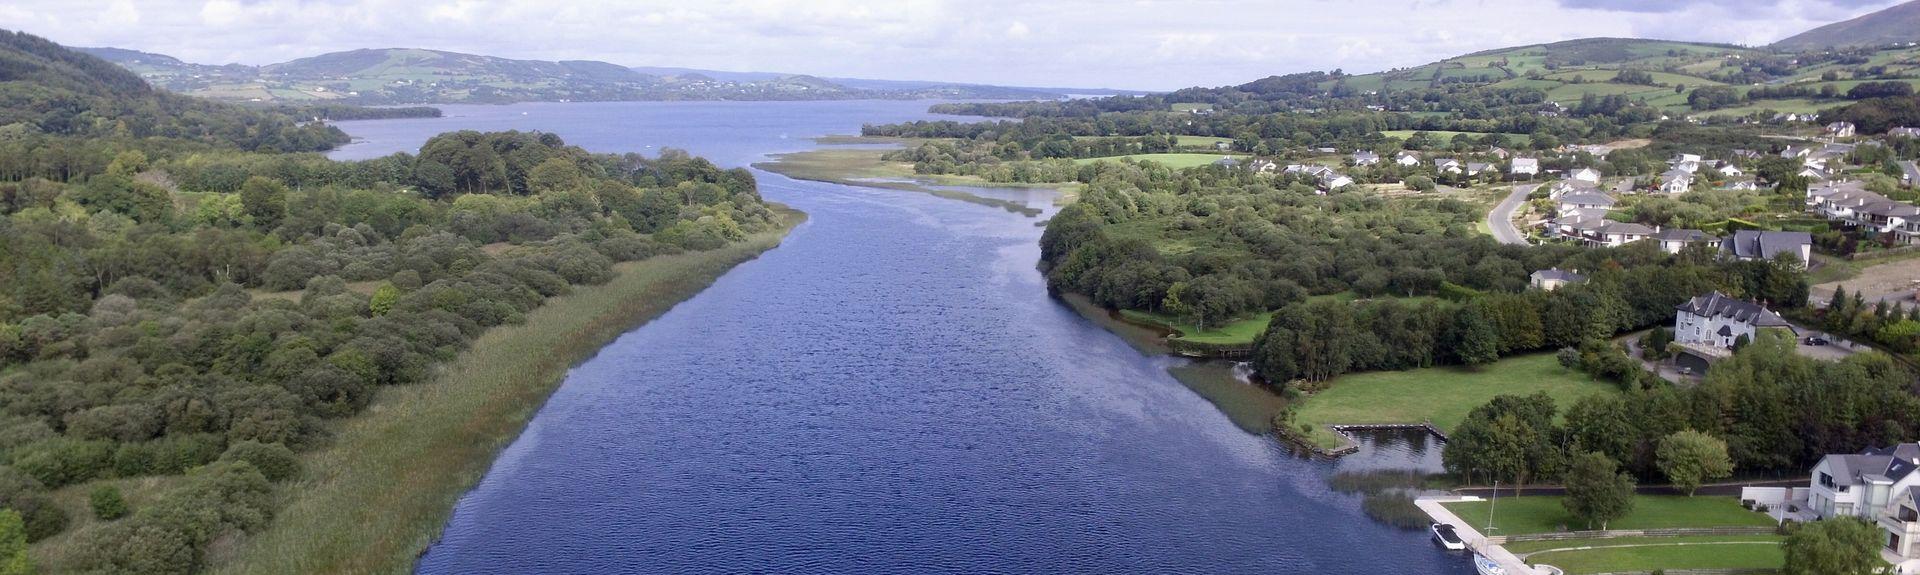 Killaloe, County Clare, Ireland